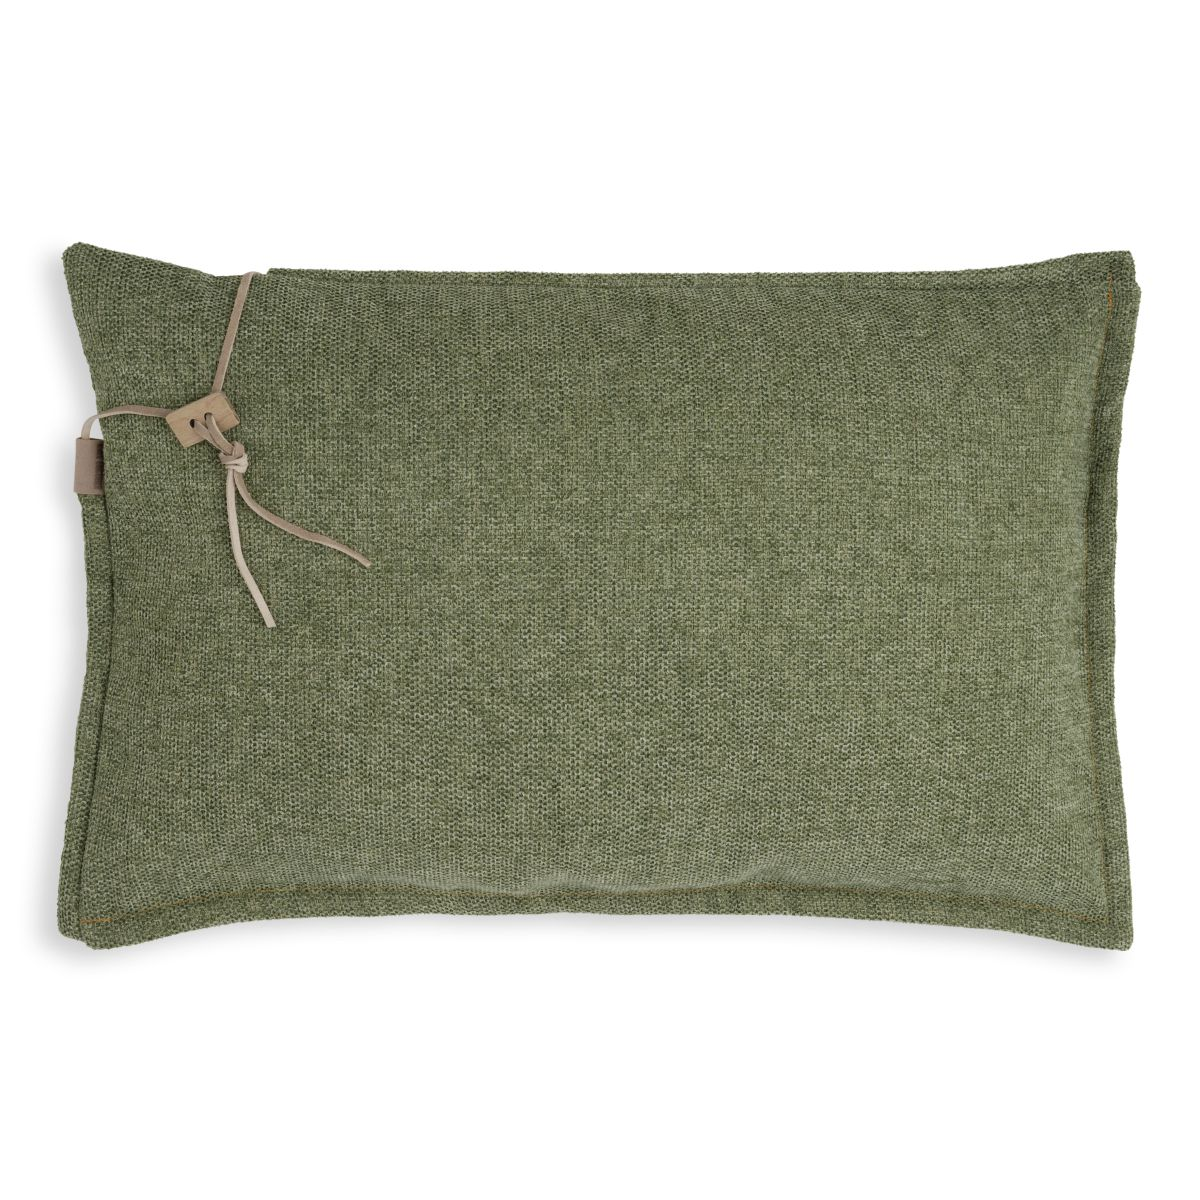 knit factory kf153013014 imre kussen groen 60x40 1